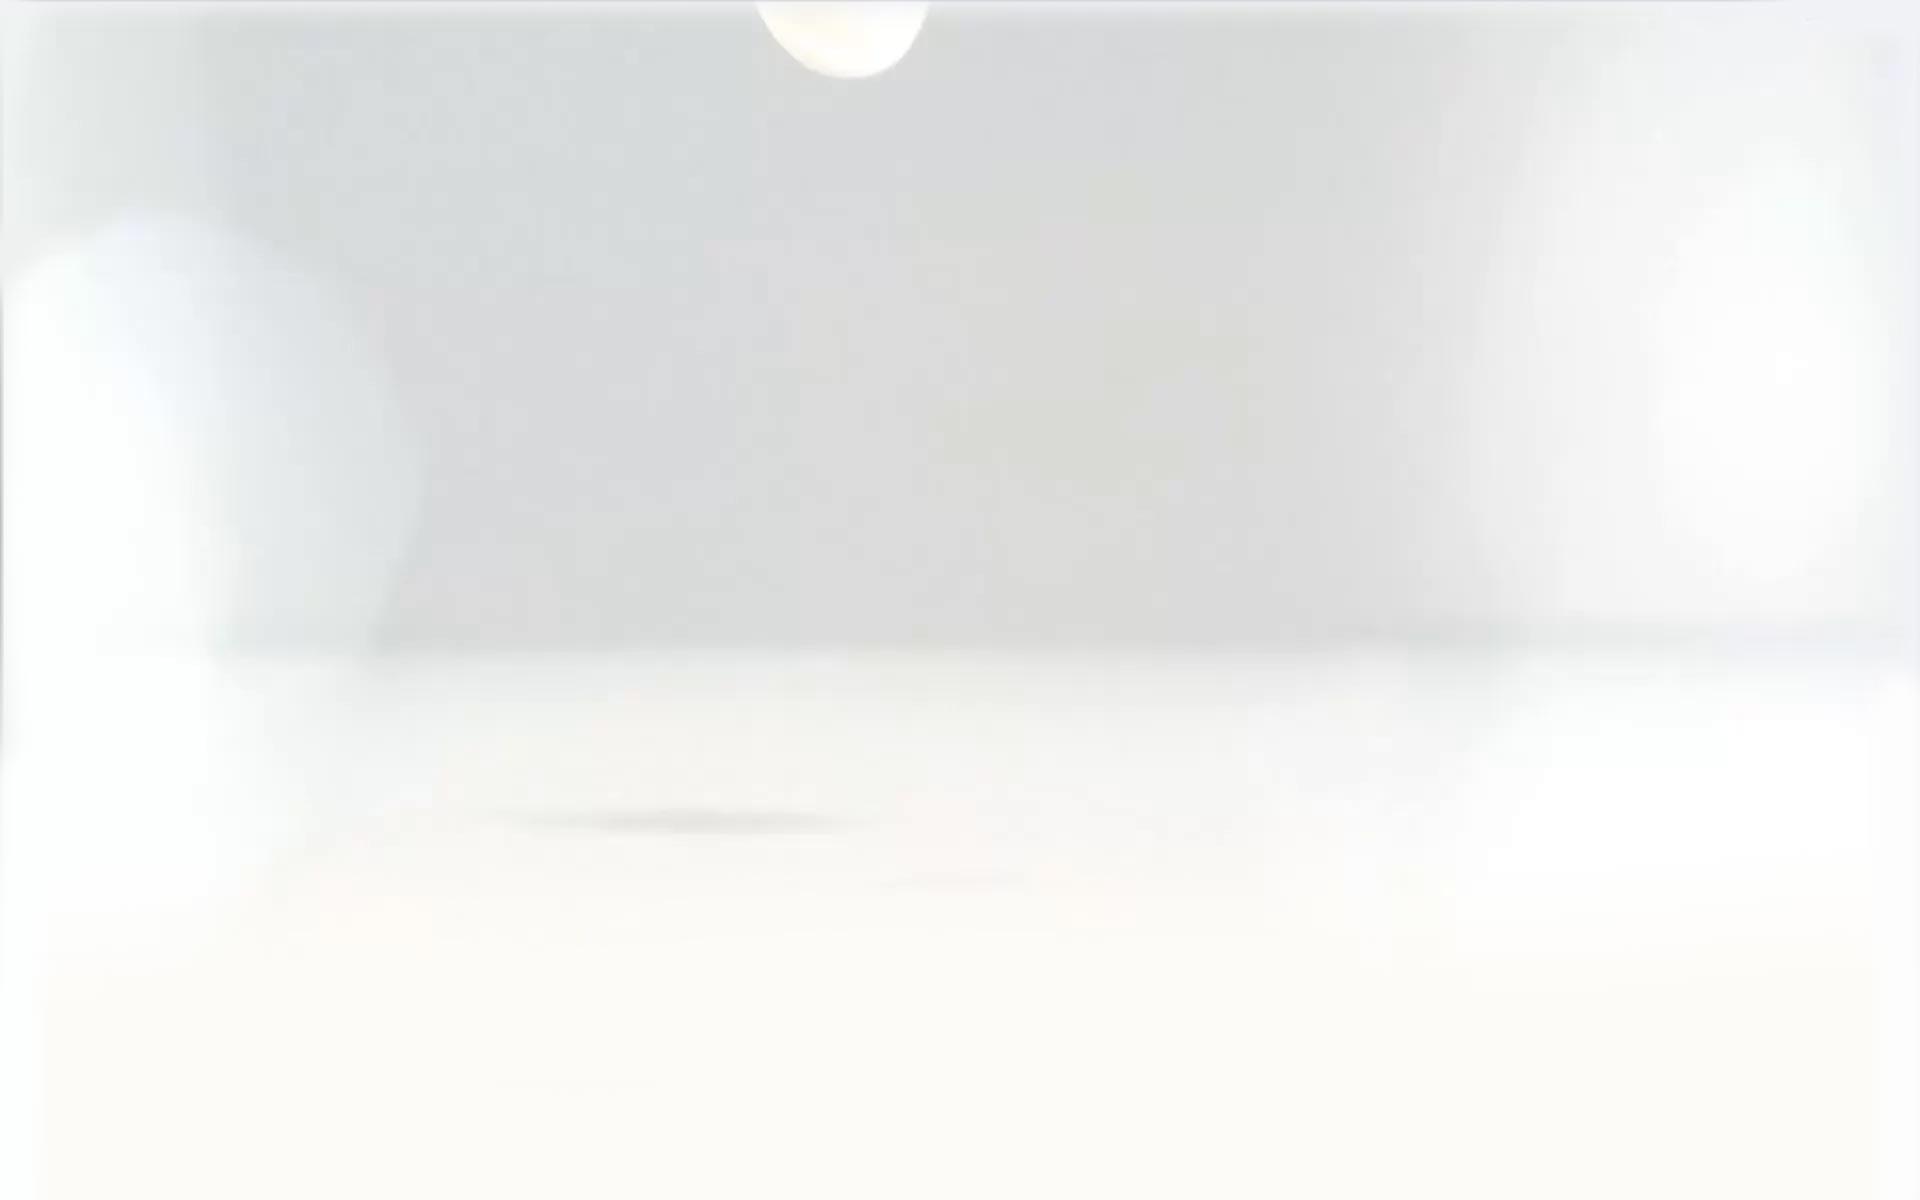 تصویر کوچک ویدئو